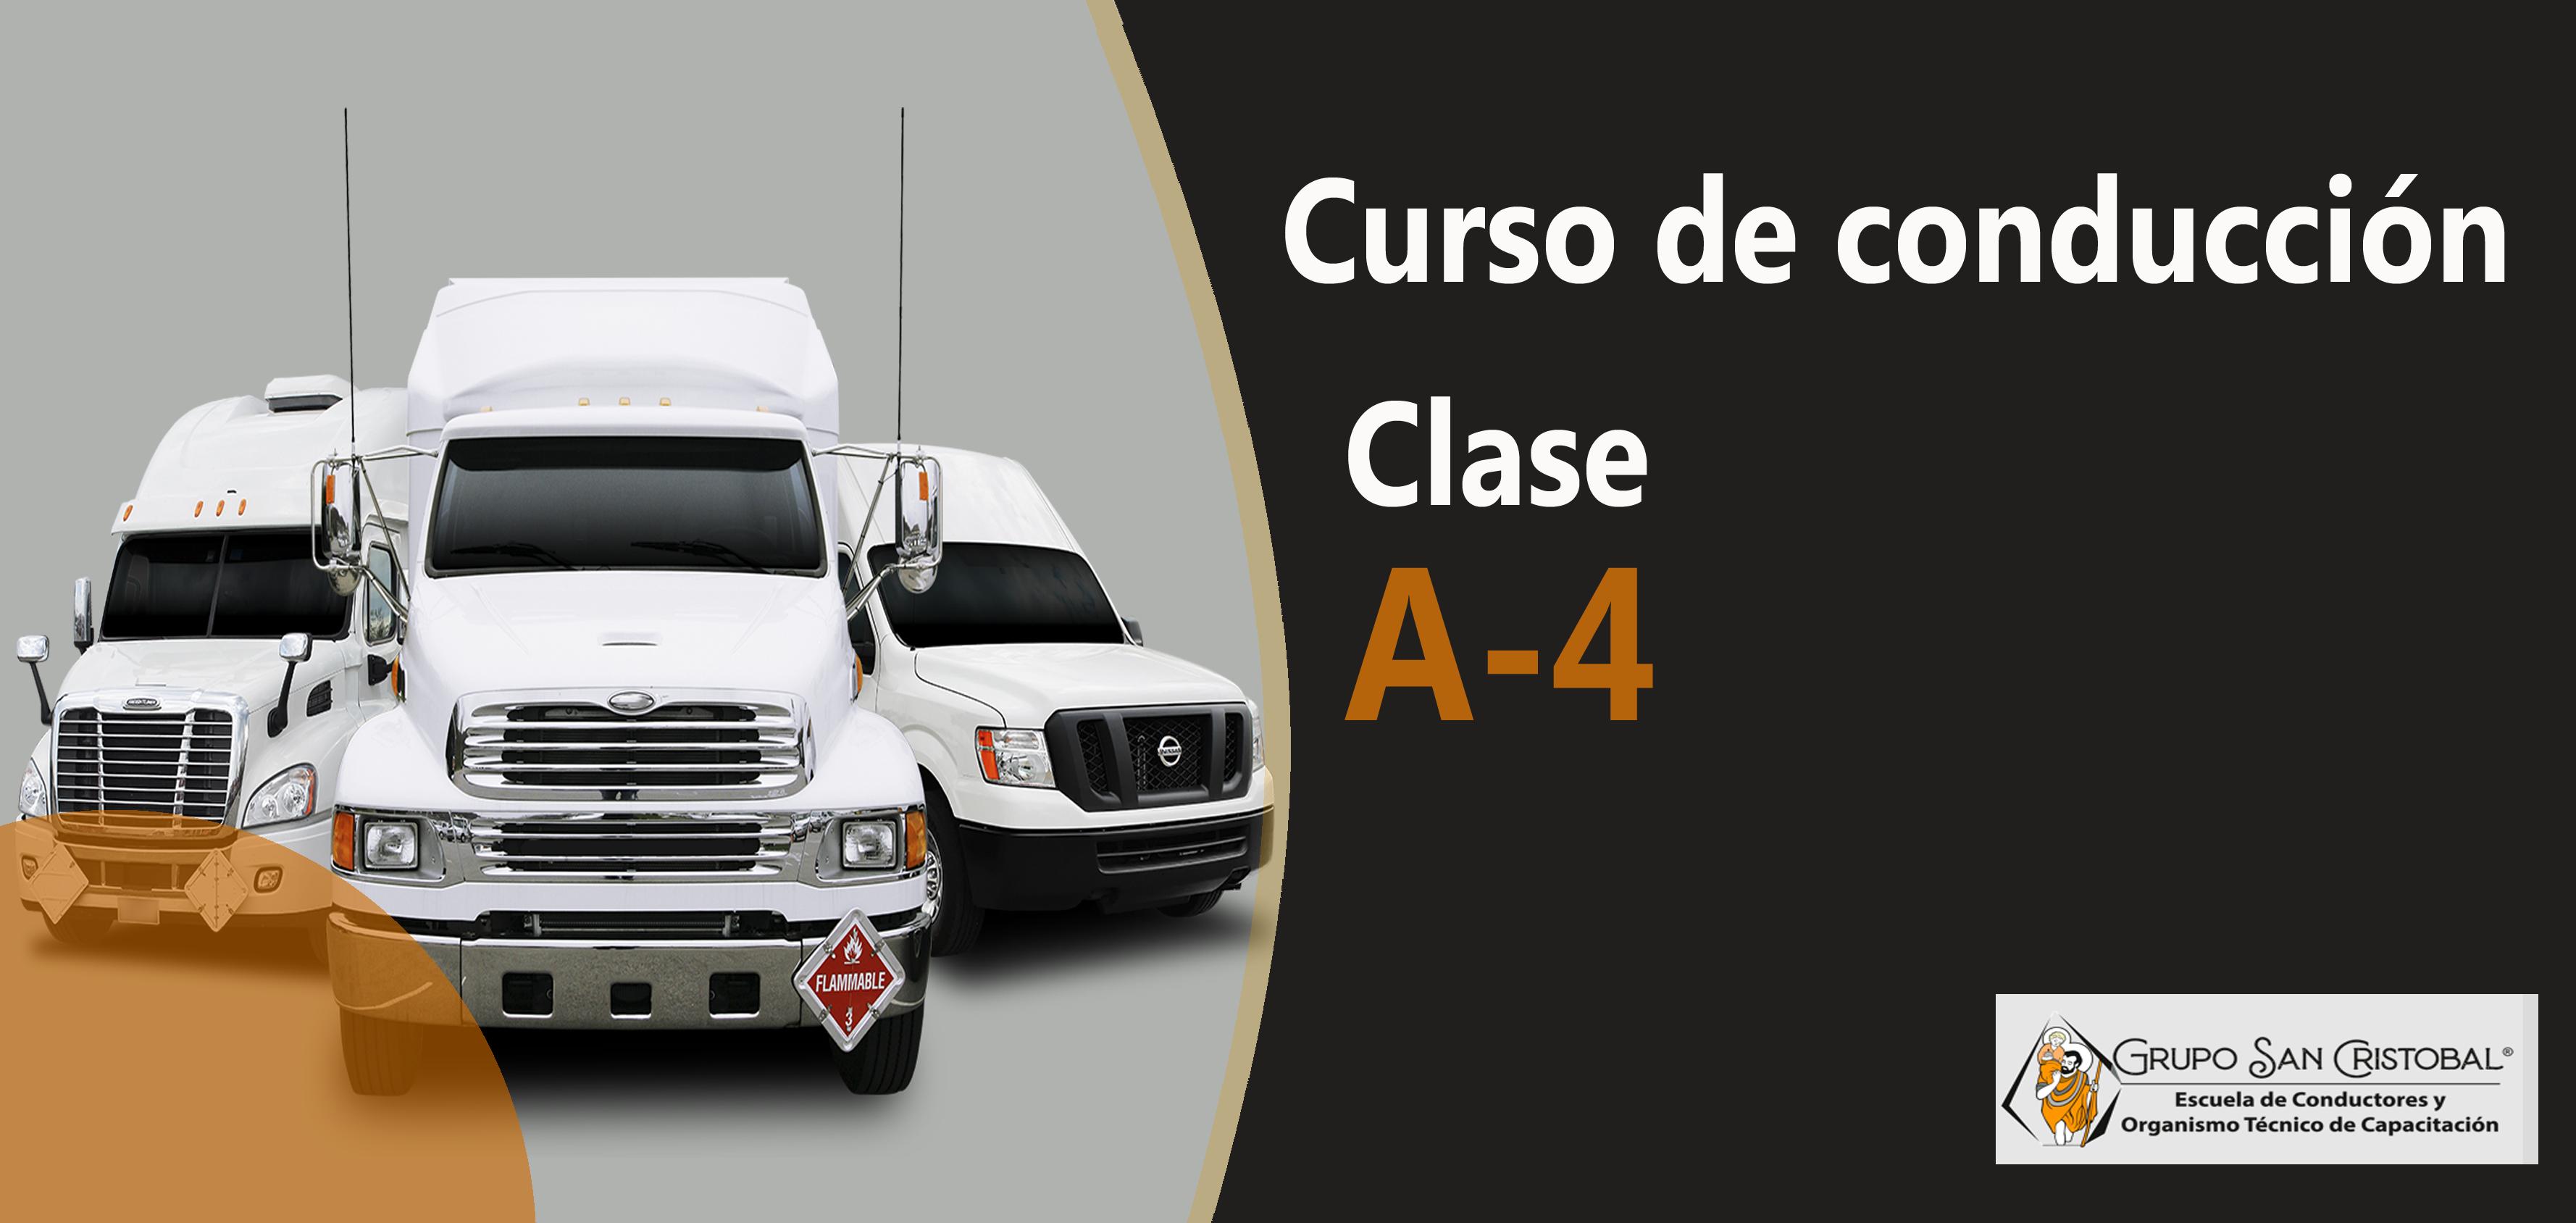 Conducción profesional Clase A-4 SENCE